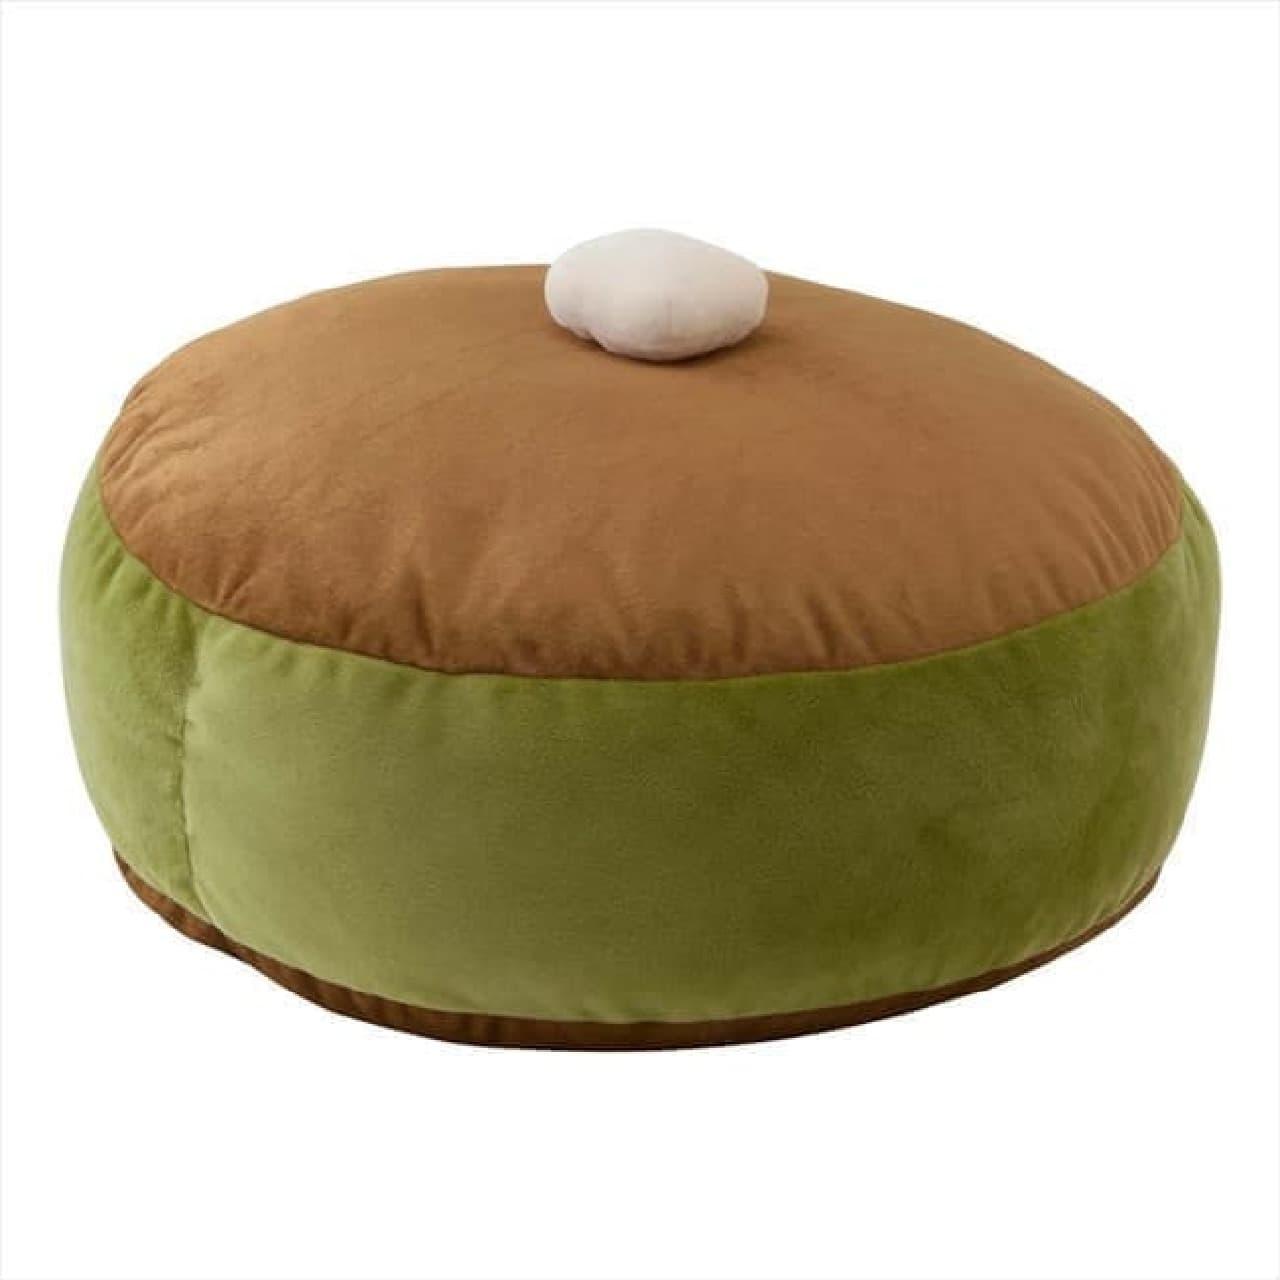 「パンケーキクッション」ヴィレヴァンに -- フランスパン型の抱き枕も